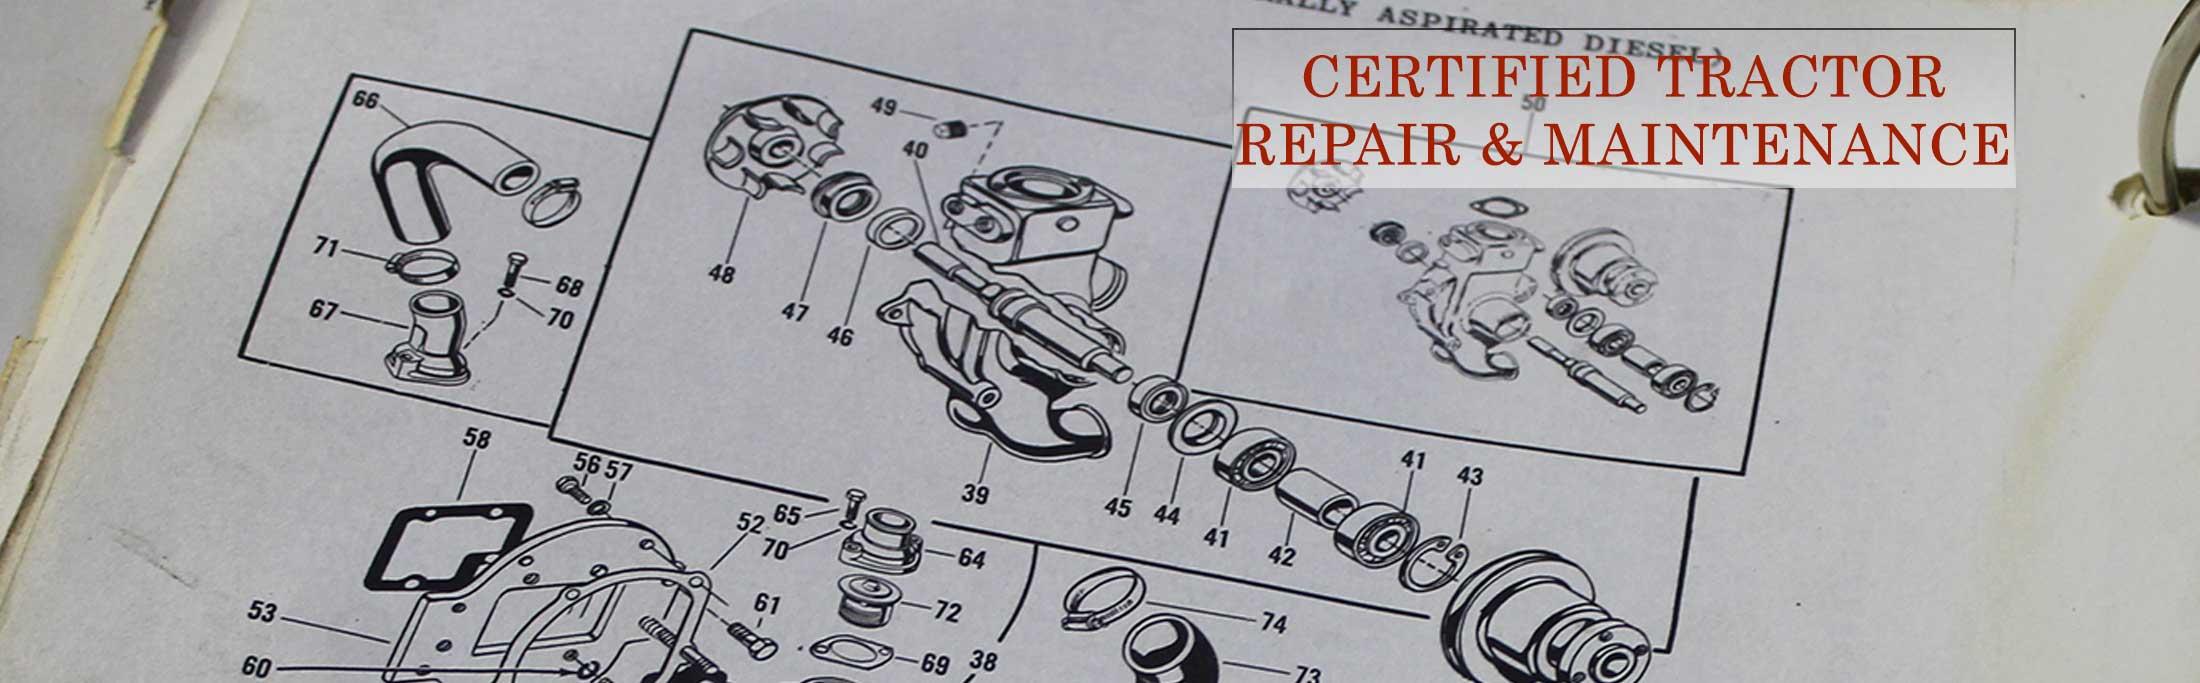 country clipper engine diagram 4 1 ulrich temme de \u2022